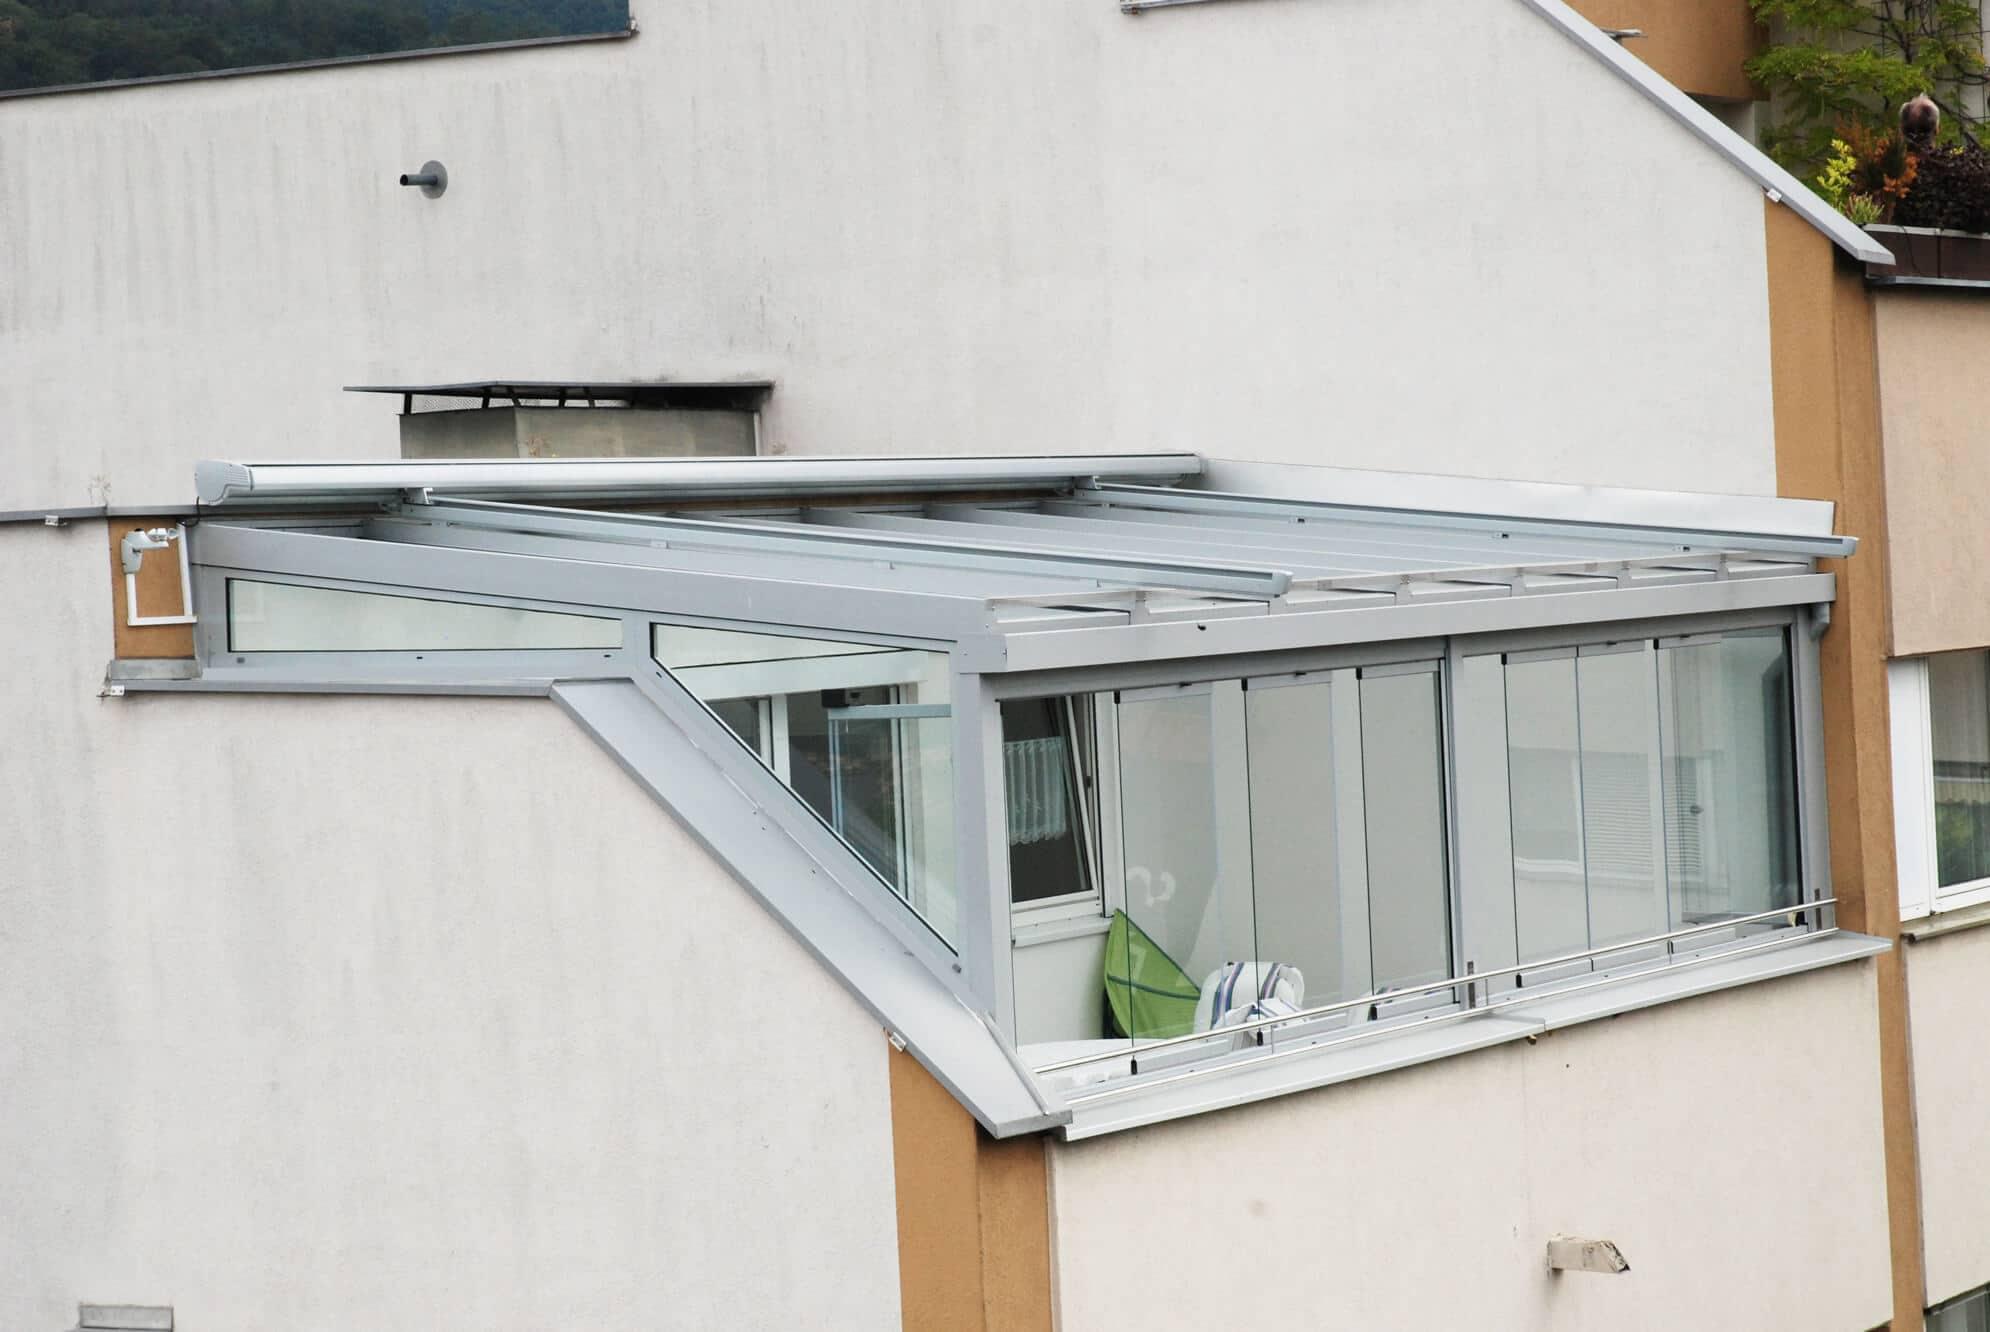 Sommergarten Sonderanfertigung mit Schiebe-Dreh-Verglasung Sunflex